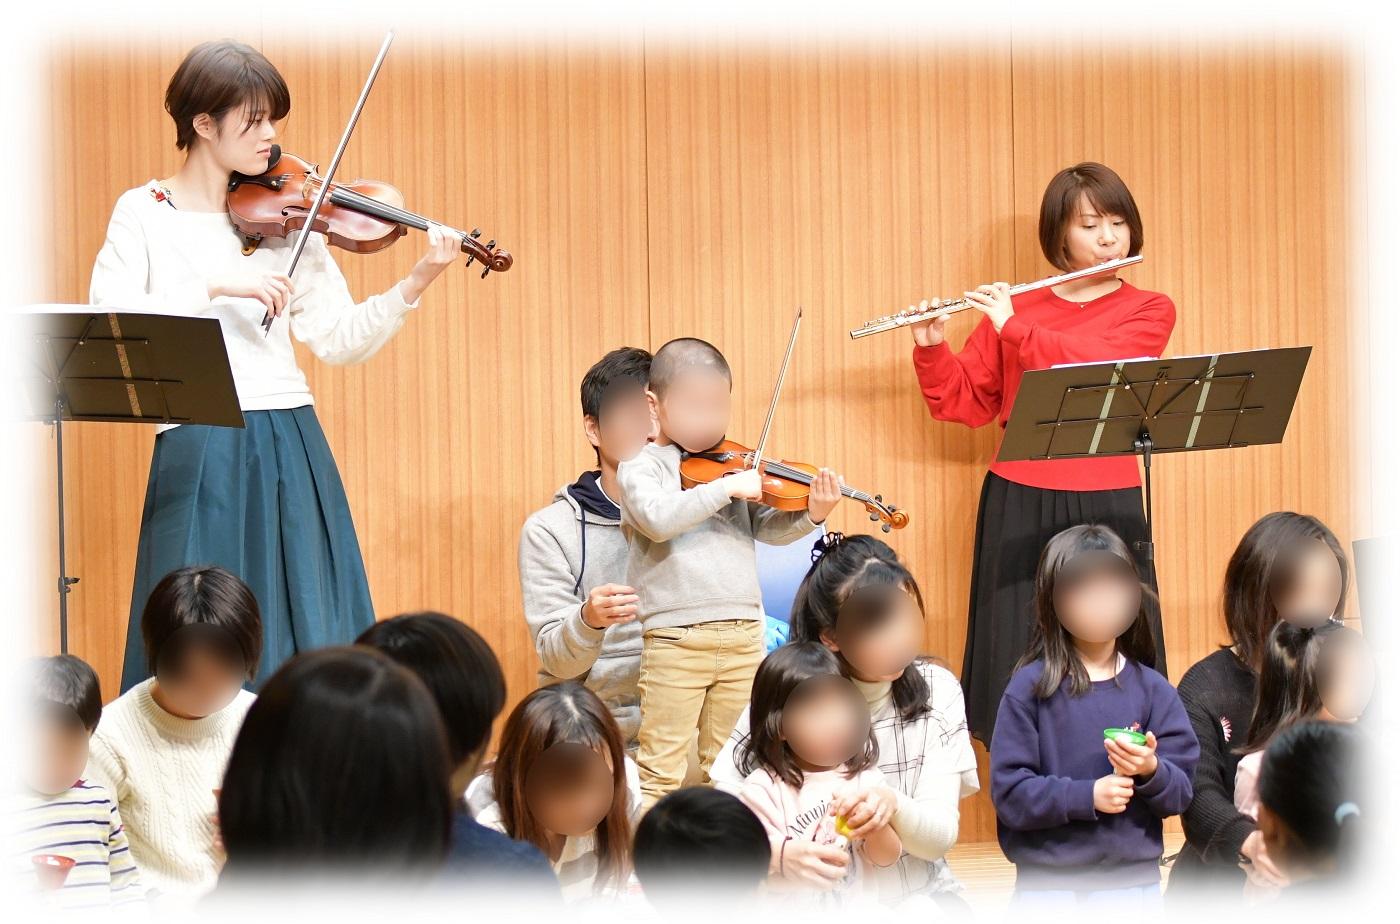 はじめてのバイオリンで演奏会デビュー!?